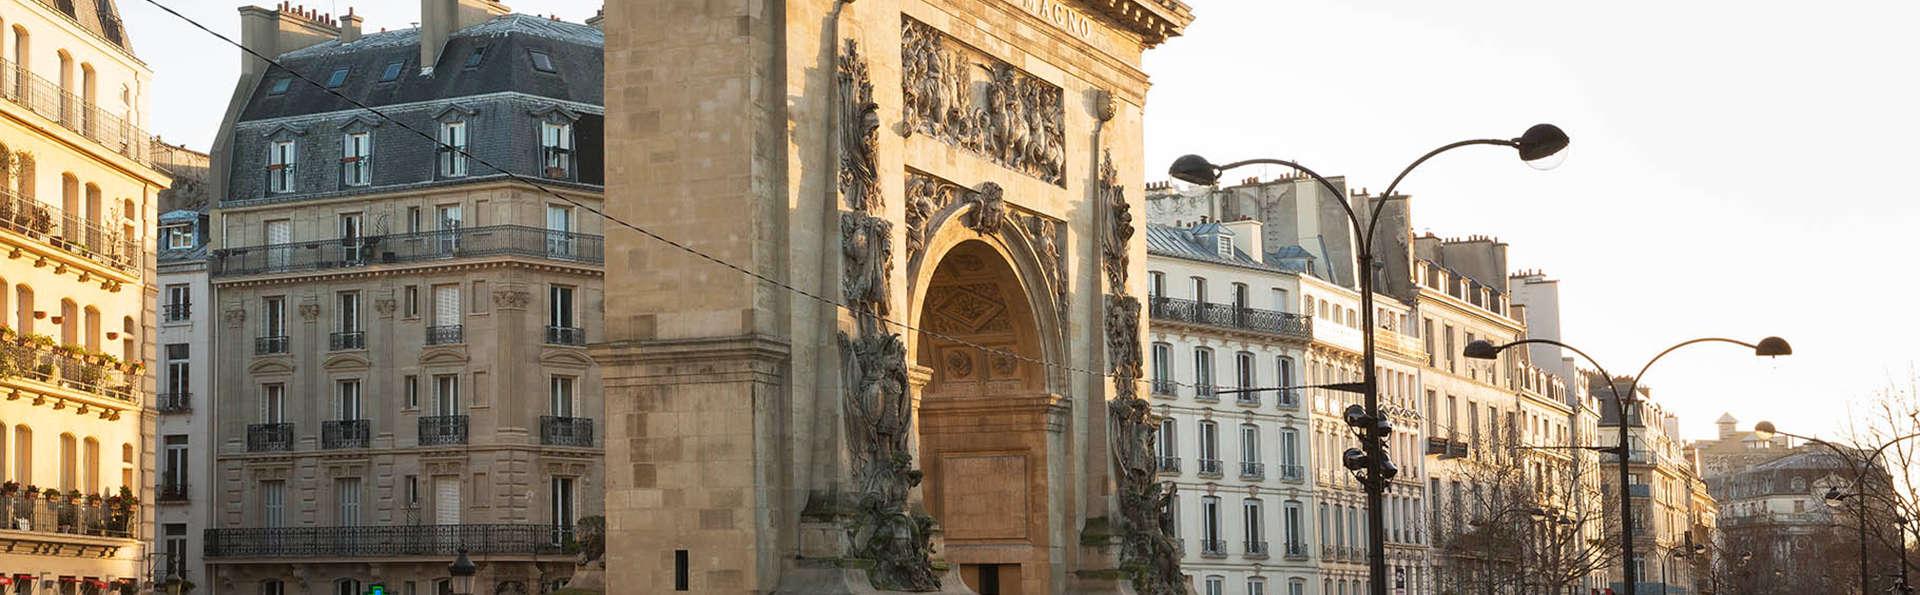 Hôtel Les Théâtres - EDIT_paris2.jpg